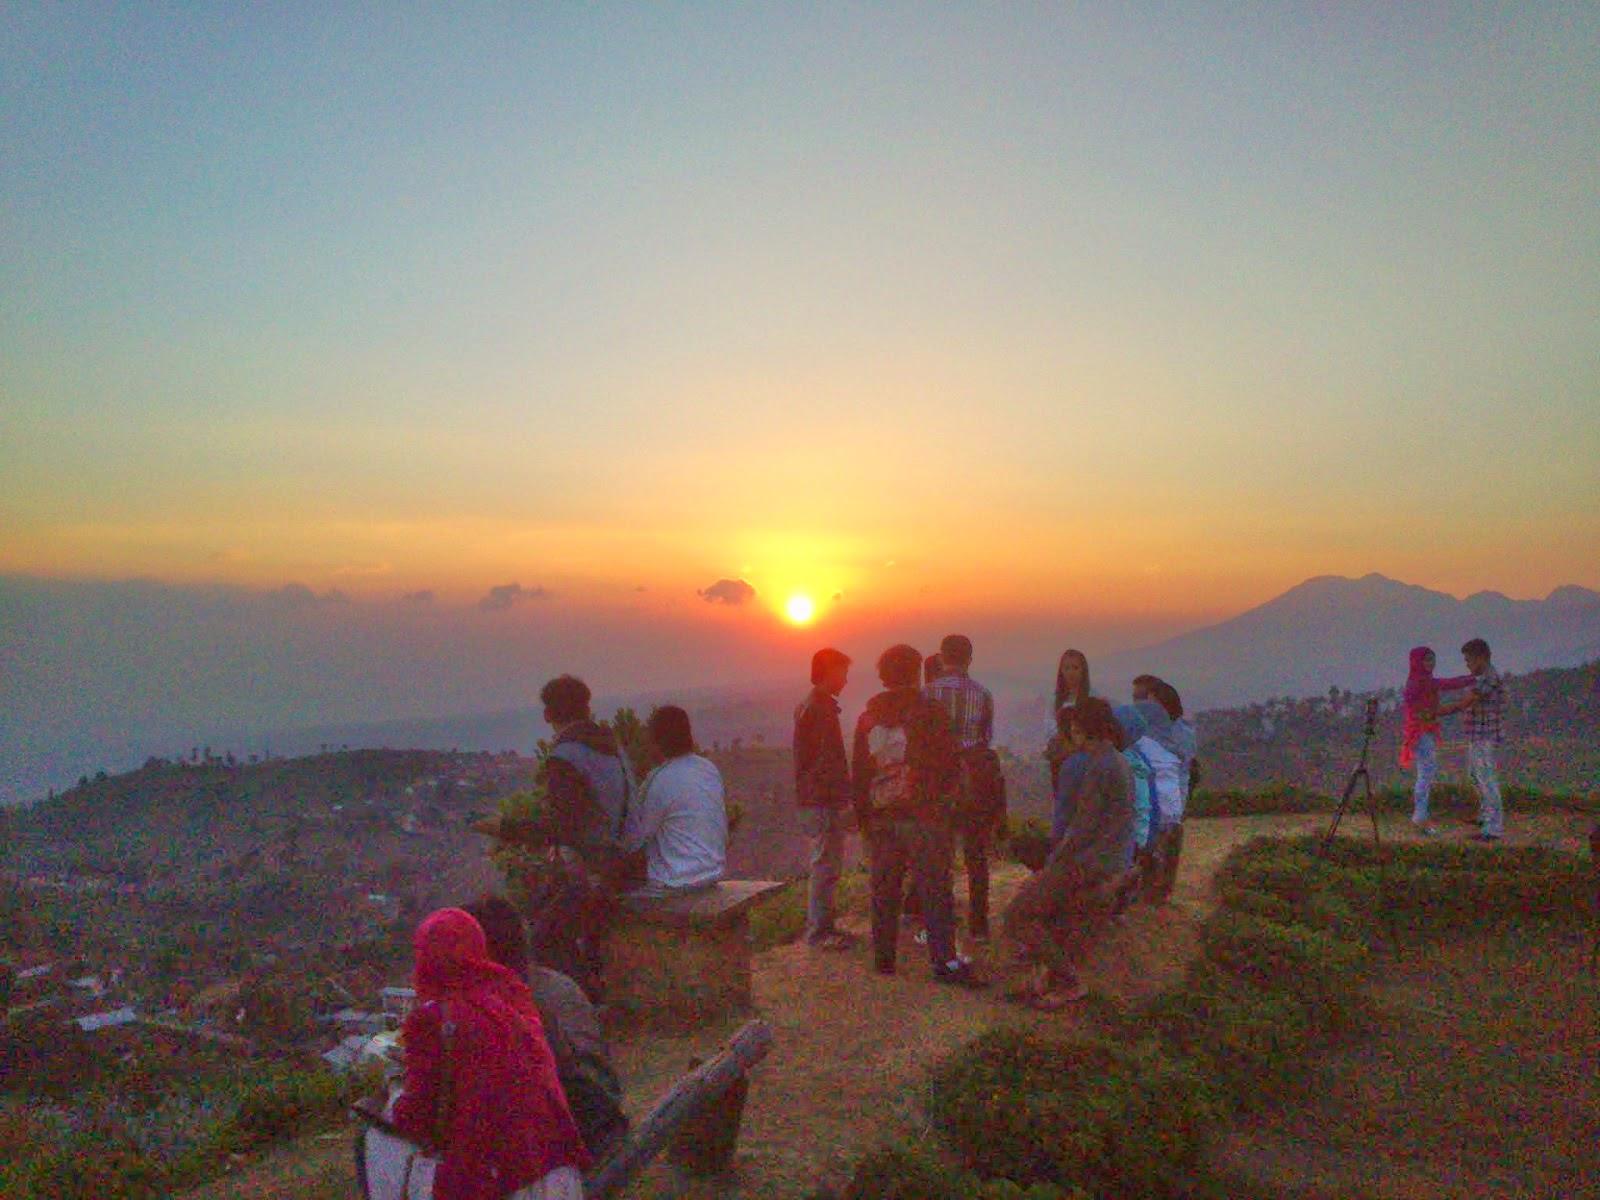 Tempat Tempat Wisata Di Indonesia Tempat Wisata Bandung